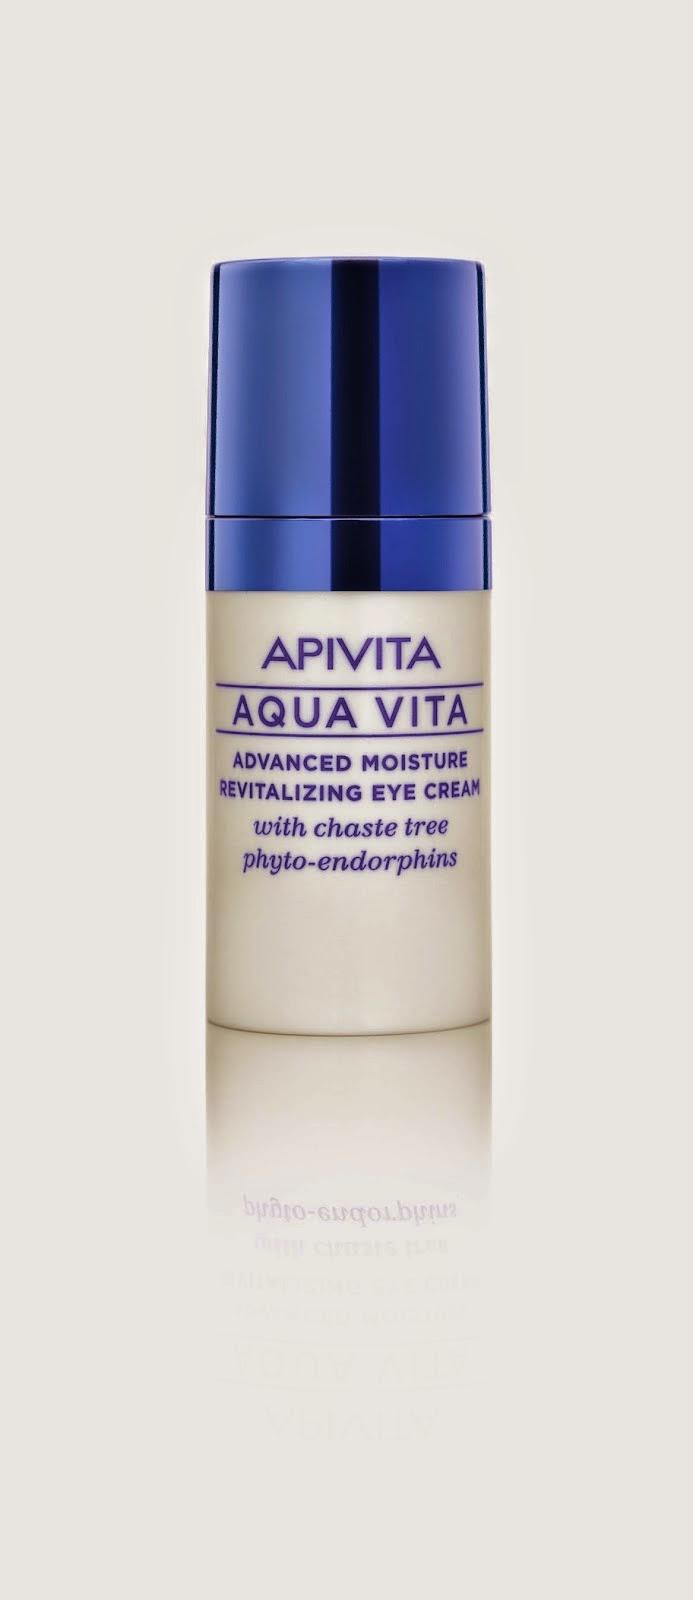 Aqua Vita de Apivita Crema Hidratante Y Revitalizante Avanzada Para El Contorno De Los Ojos - Blog de Belleza Cosmetica que Si Funciona